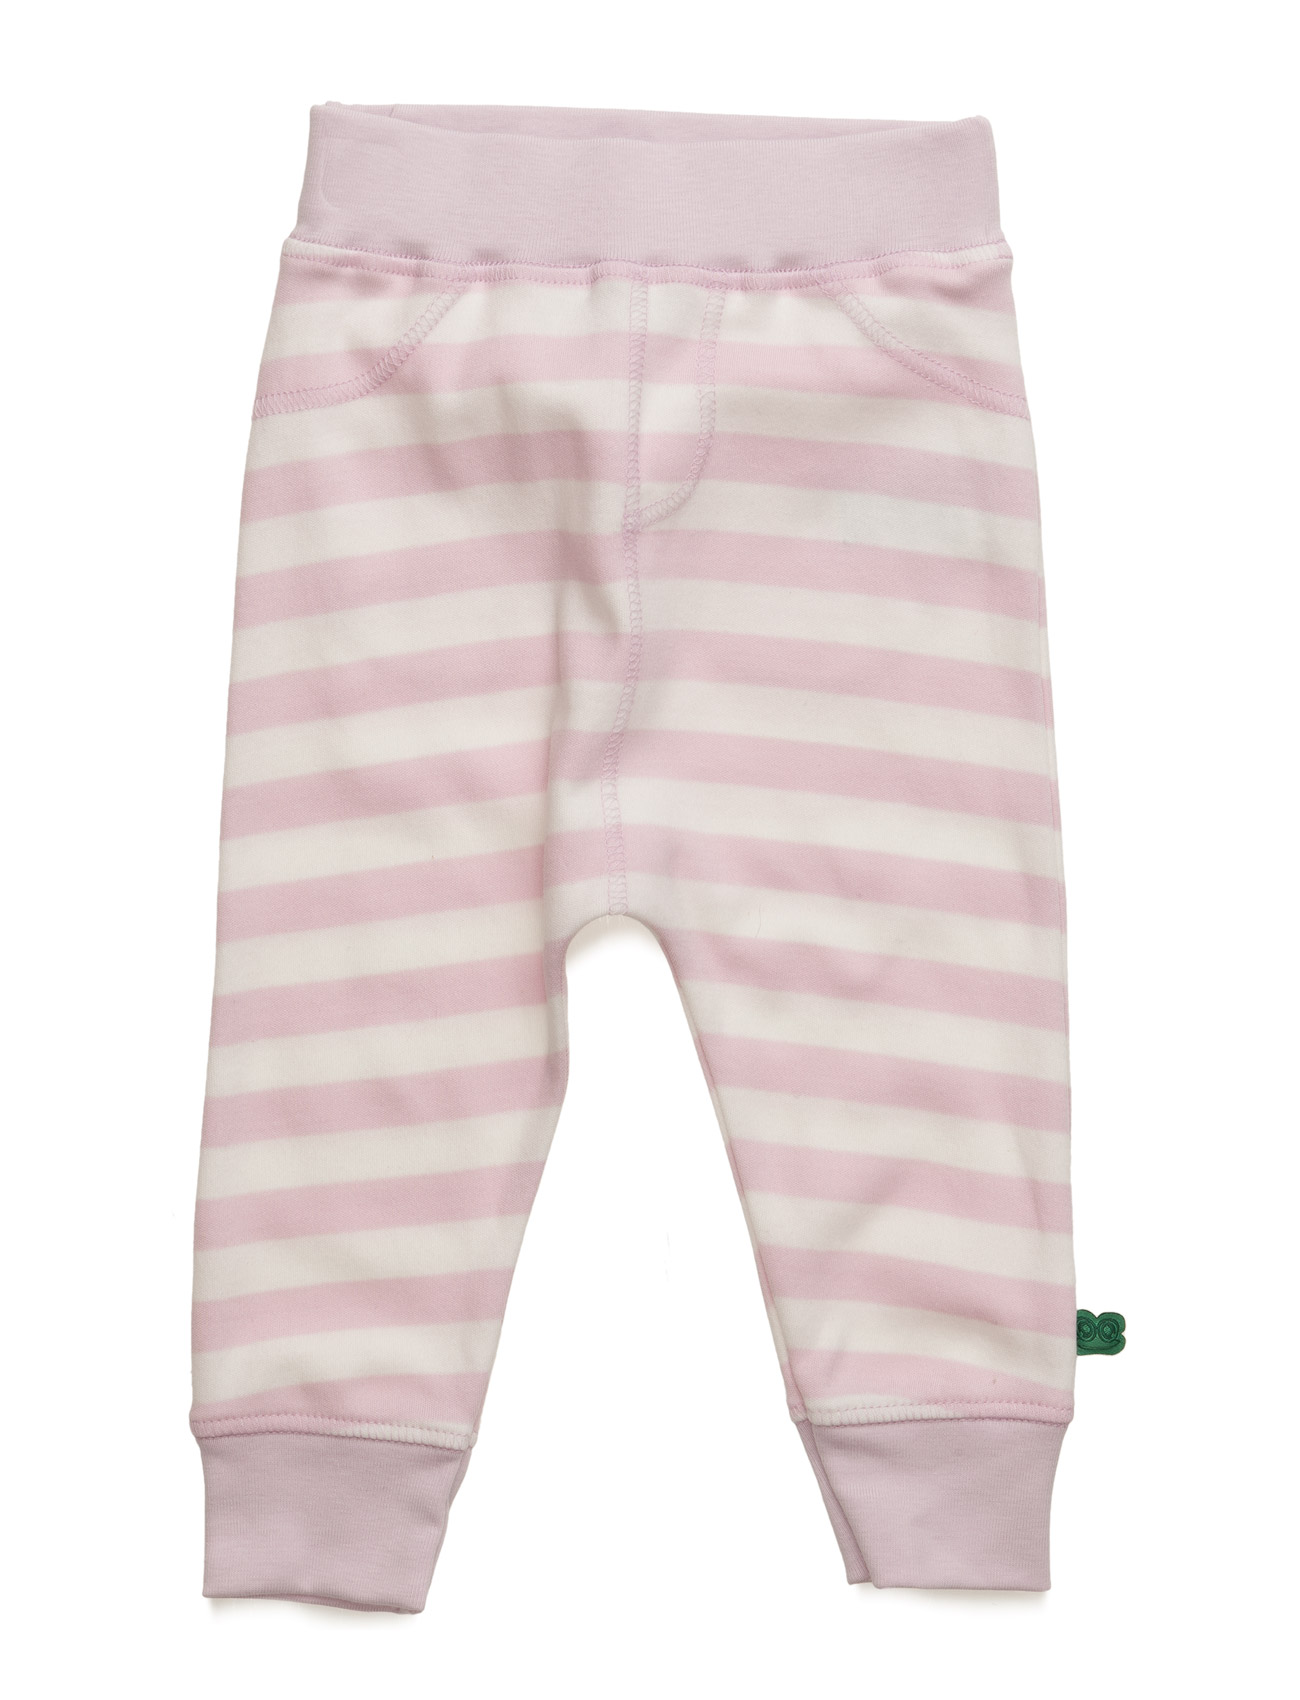 Stripe Funky Pants Freds World  til Børn i Skipper